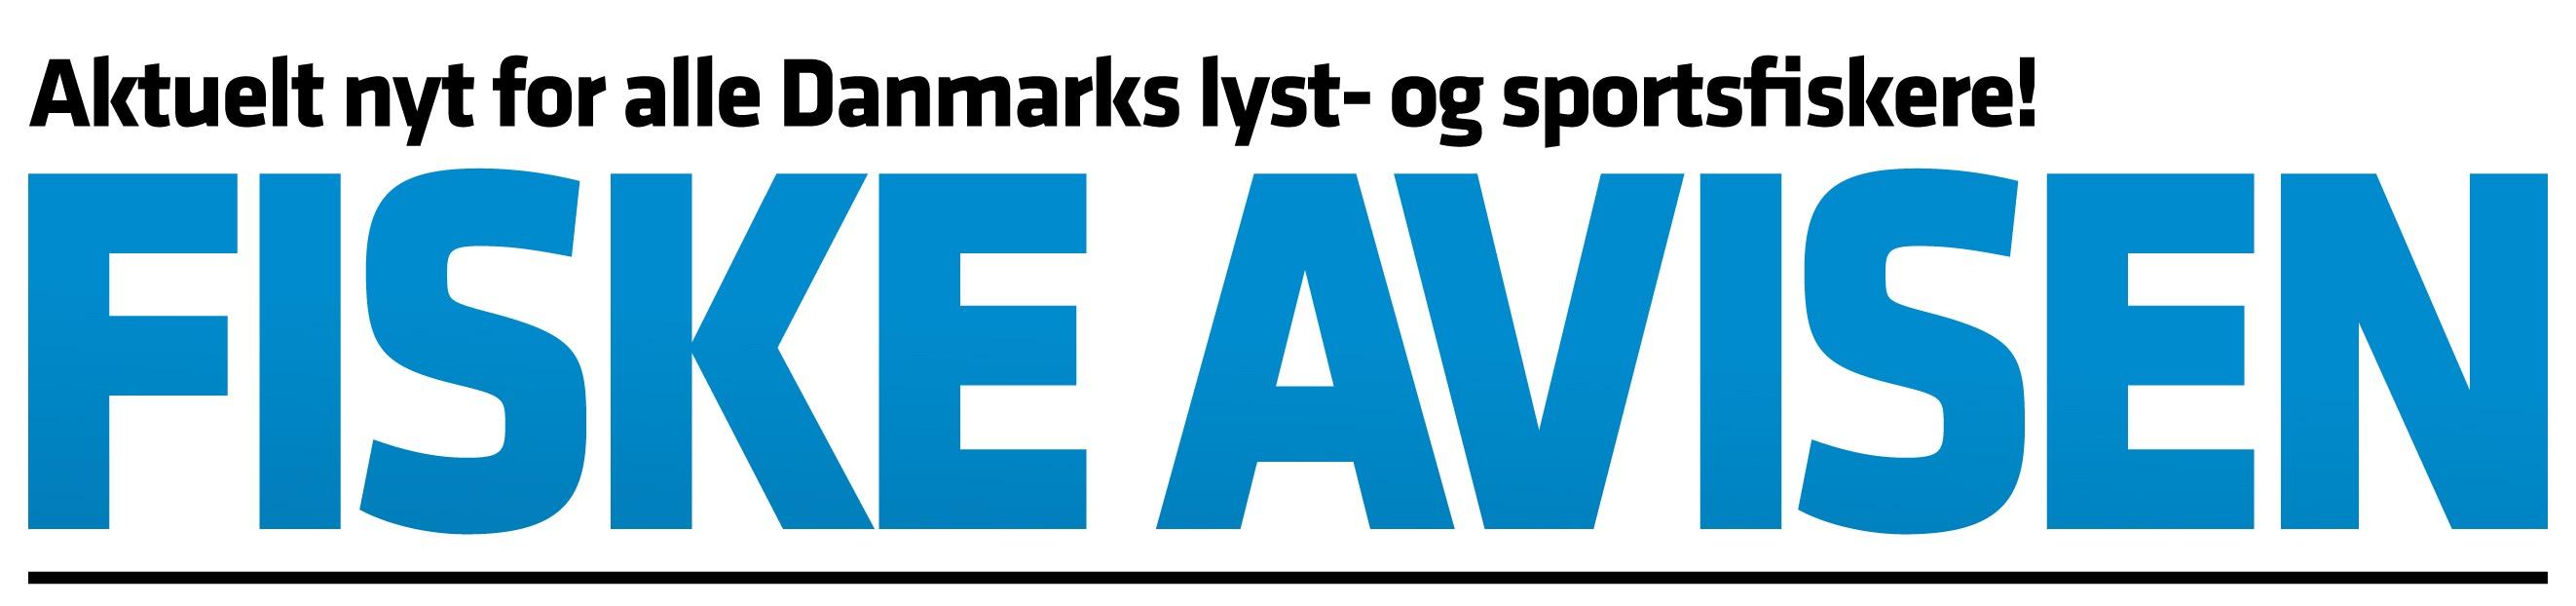 Fiske_Avisen_LOGO_2011